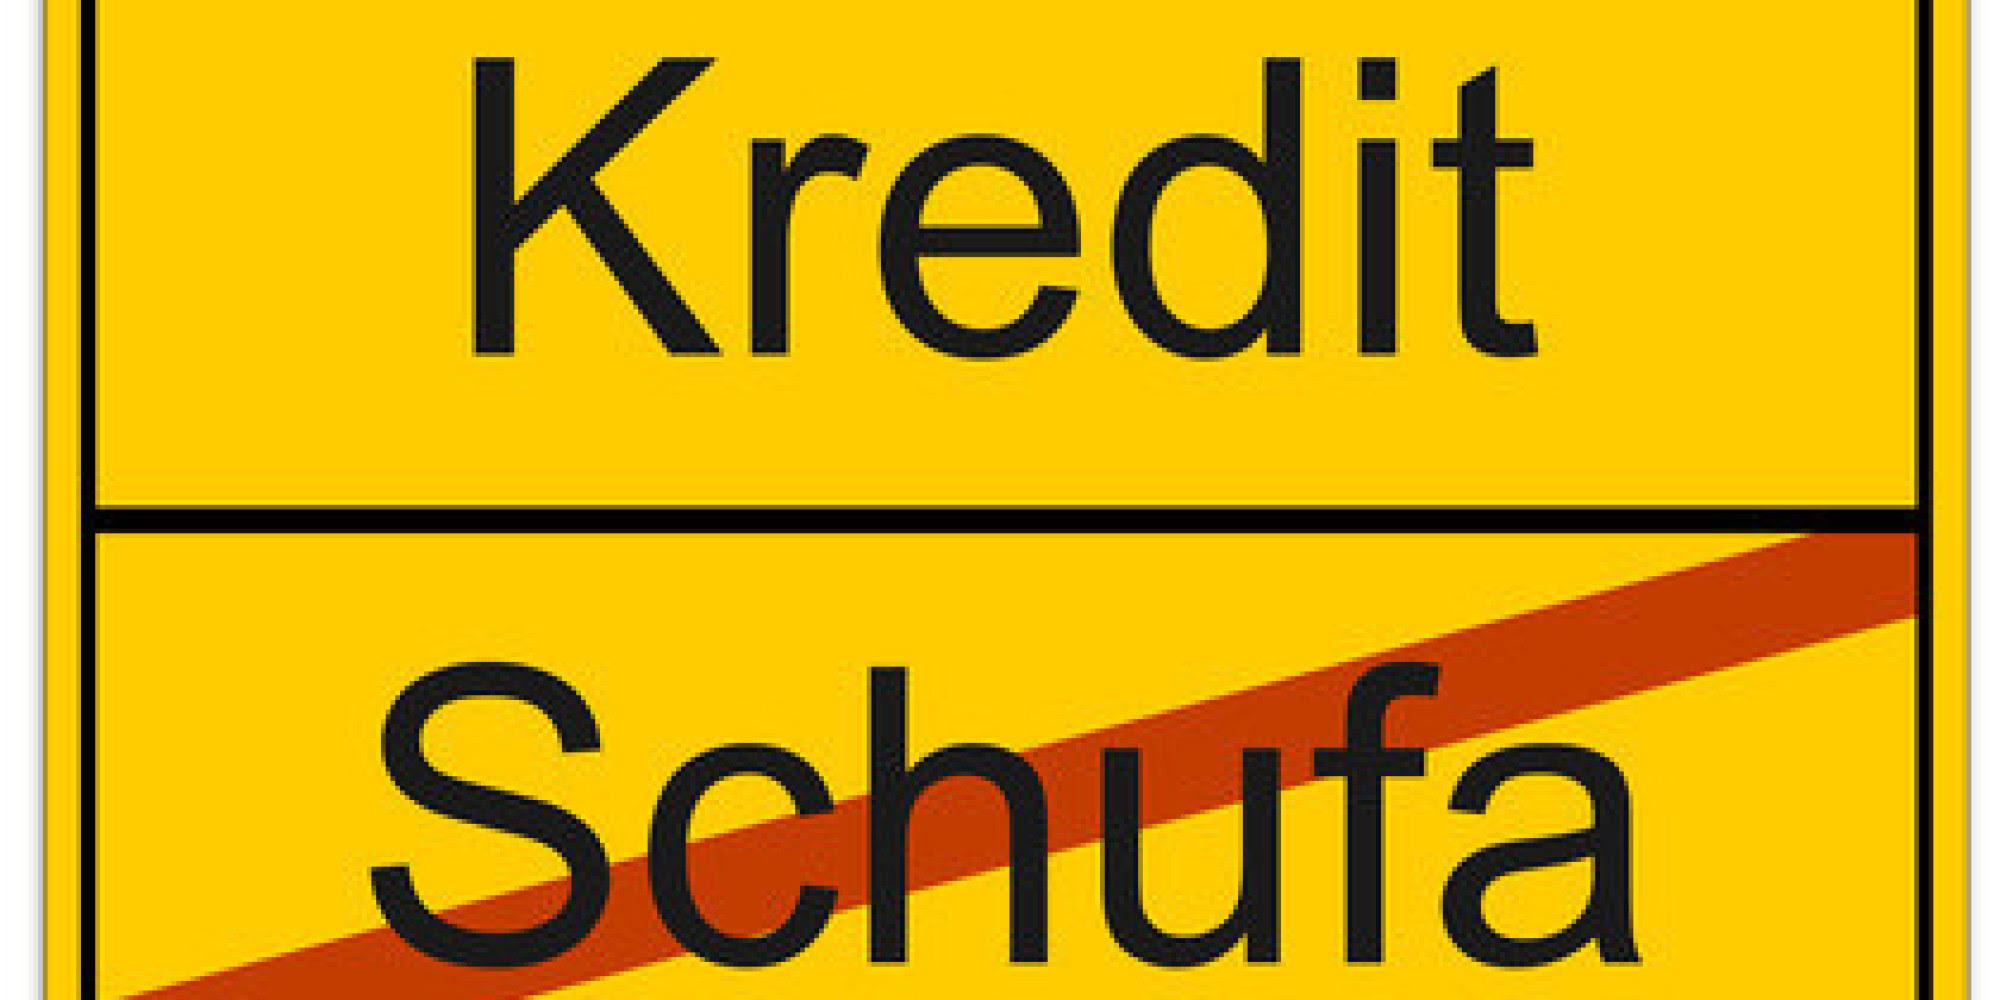 Kredit trotz negativer Schufa  Was muss man beachten?  Christian Edler